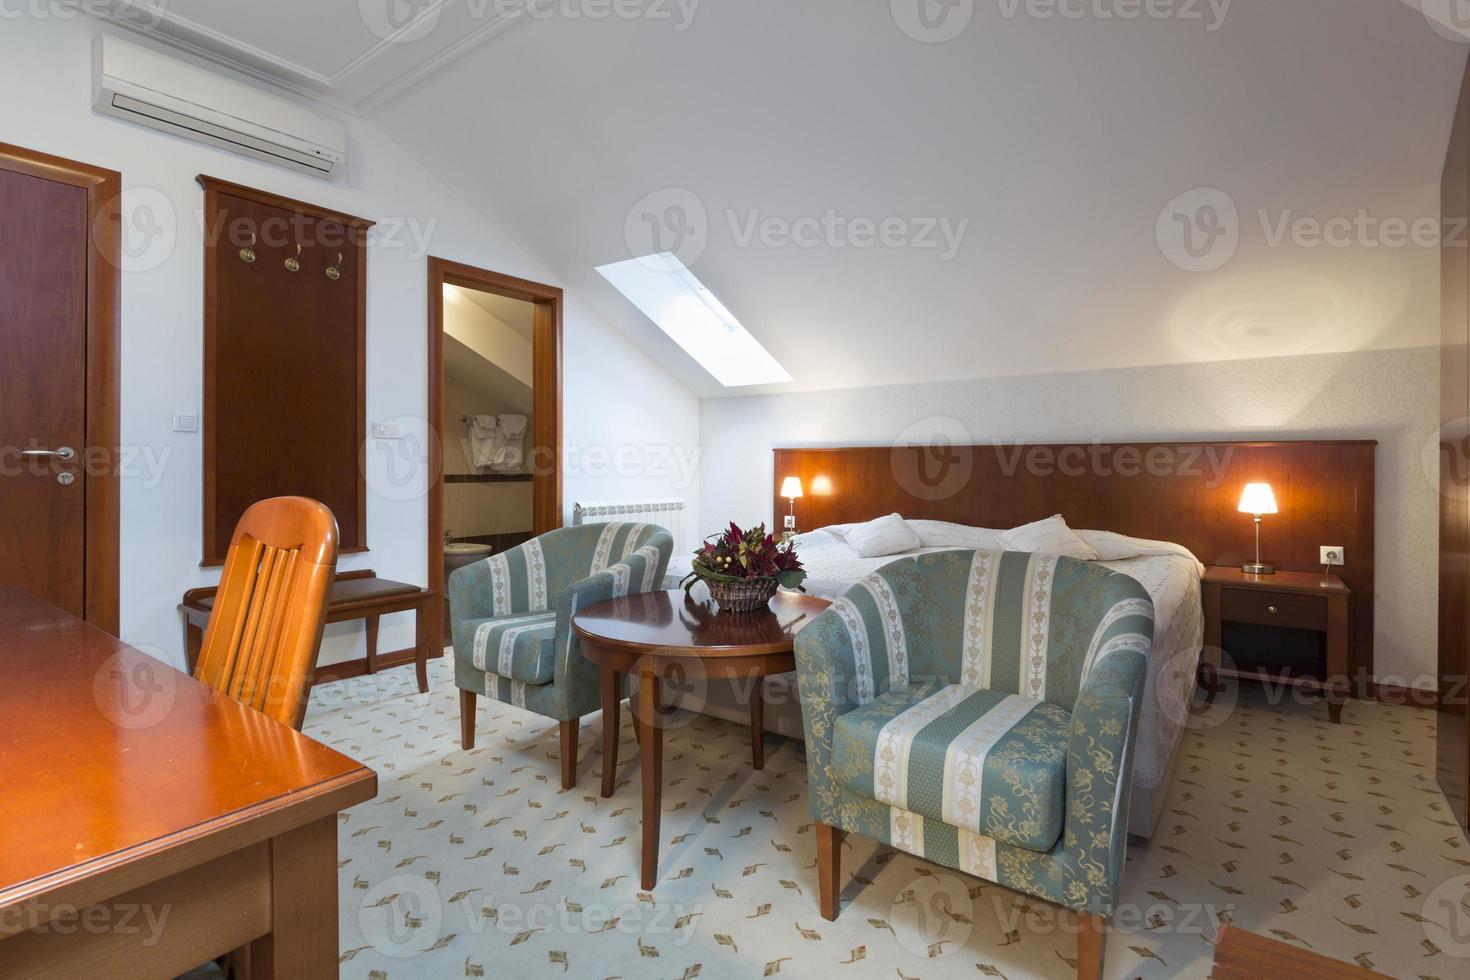 intérieur de la chambre dans un loft photo